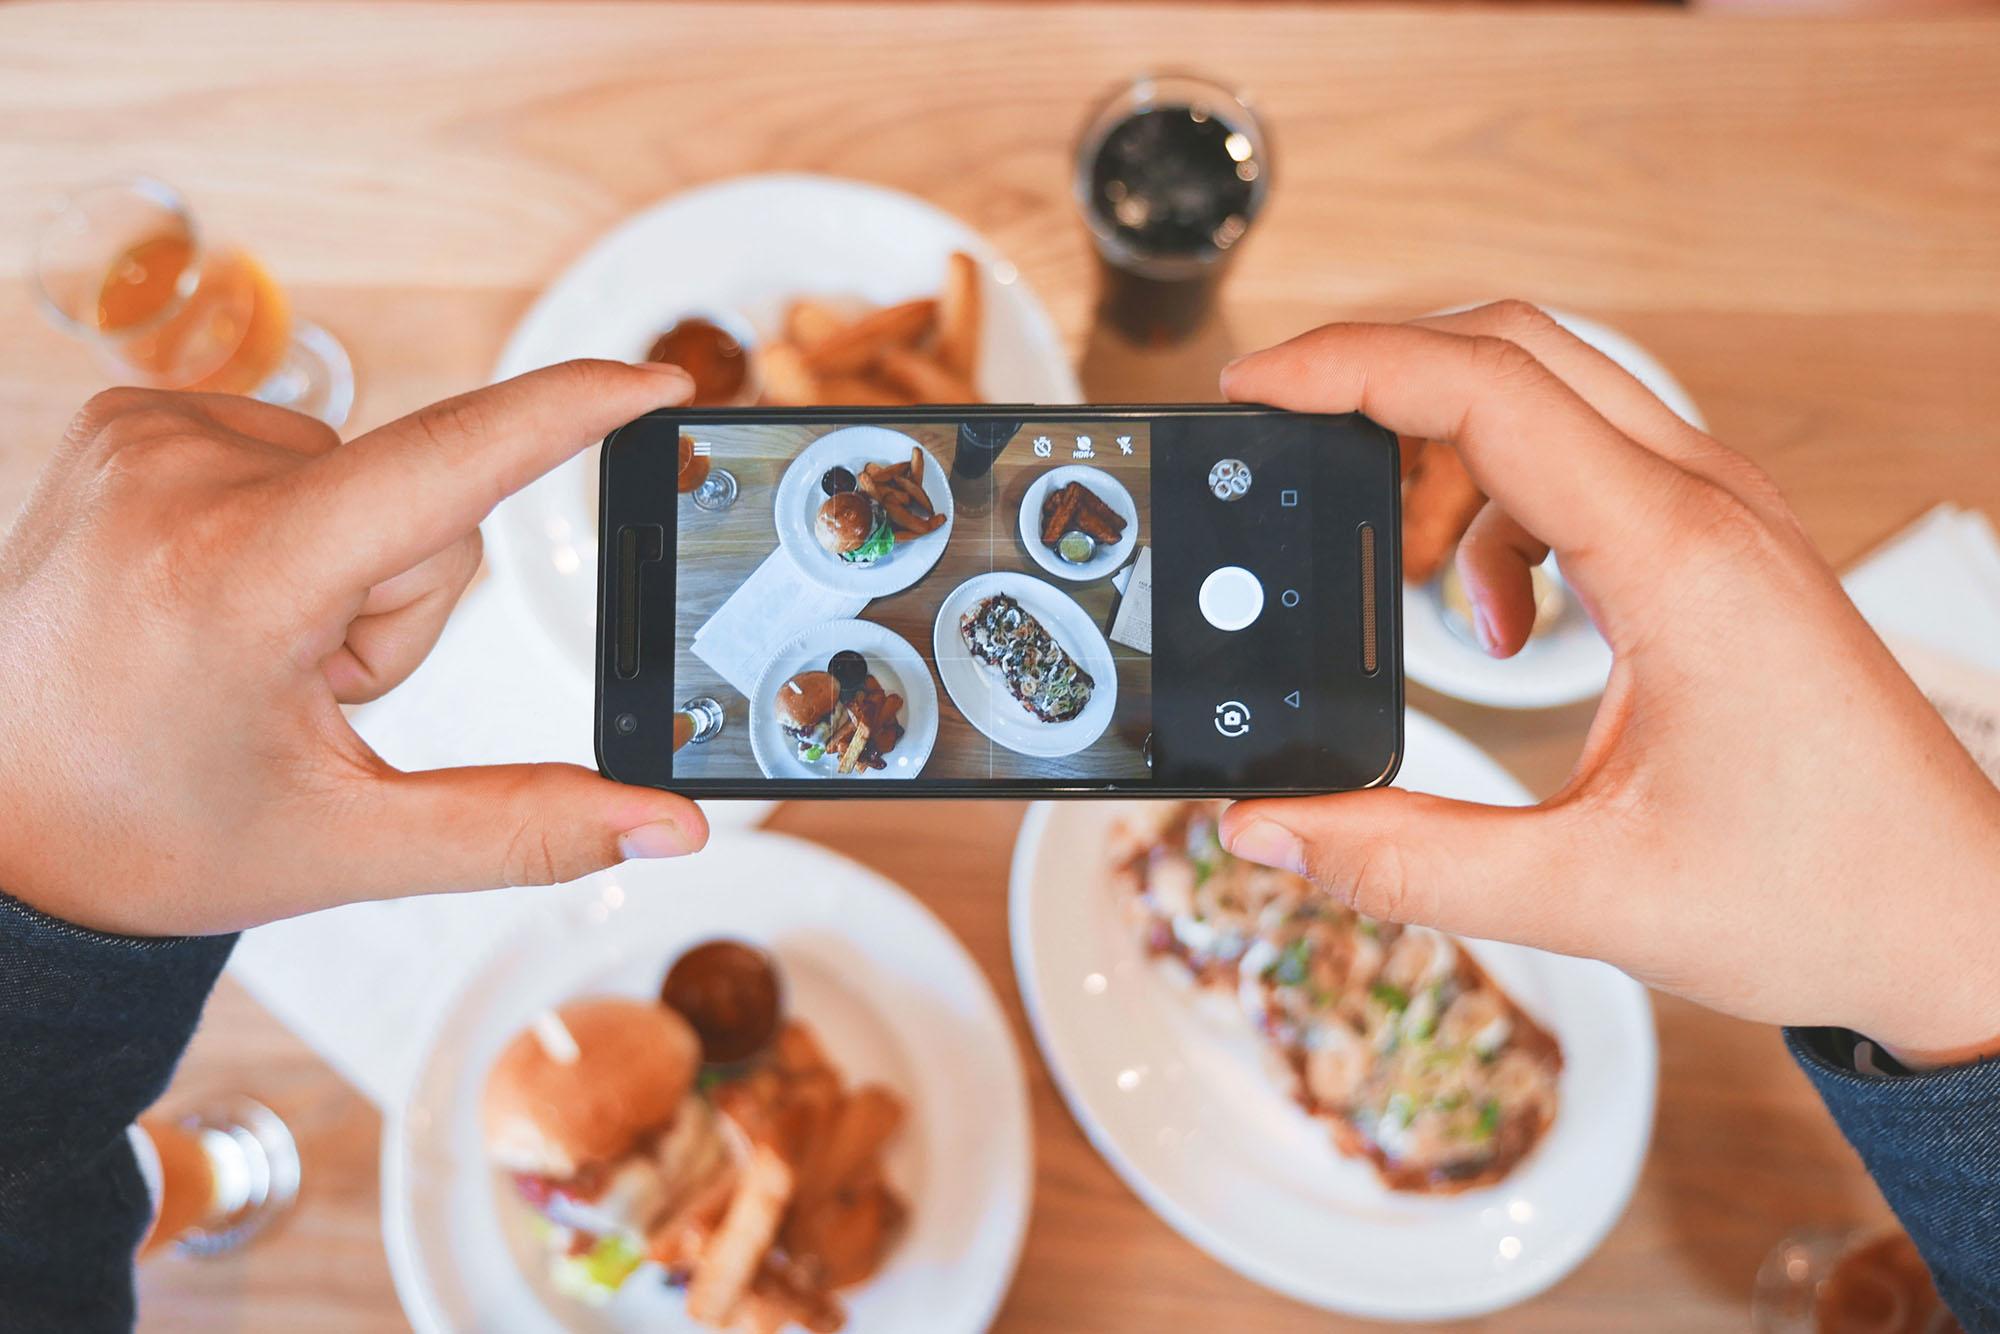 image de 5 applications Instagram pour élever votre contenu au niveau suivant 2